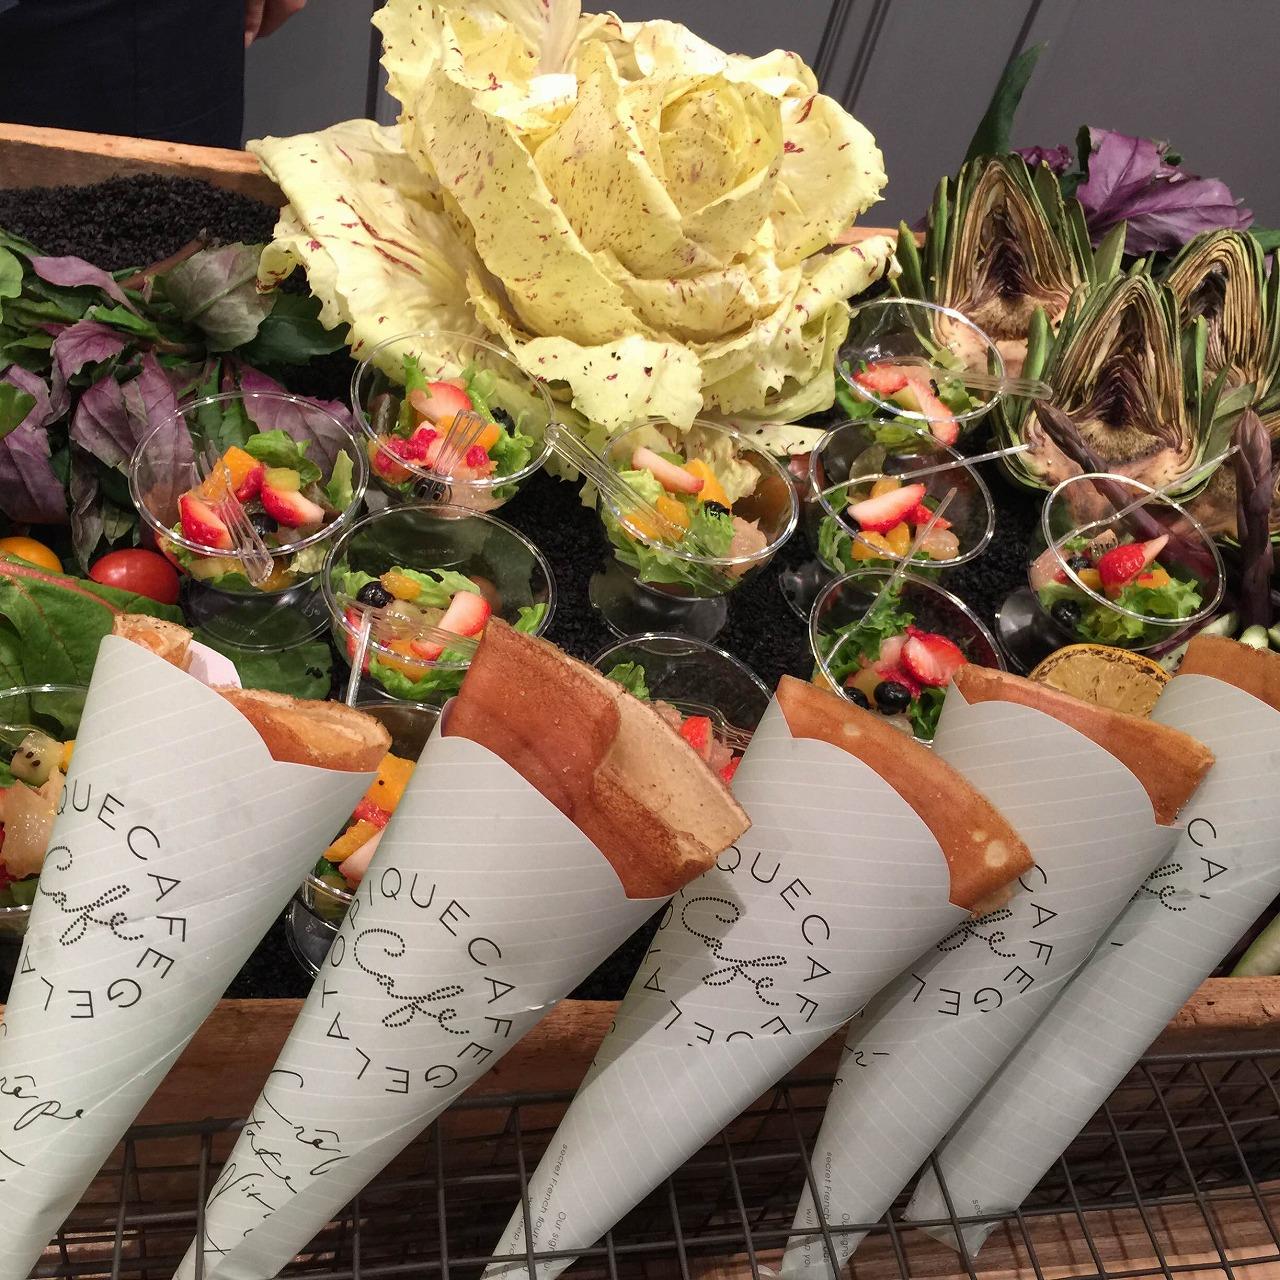 ナチュラル&オーガニックな『gelato pique cafe bio concept』がNEWオープン!_8